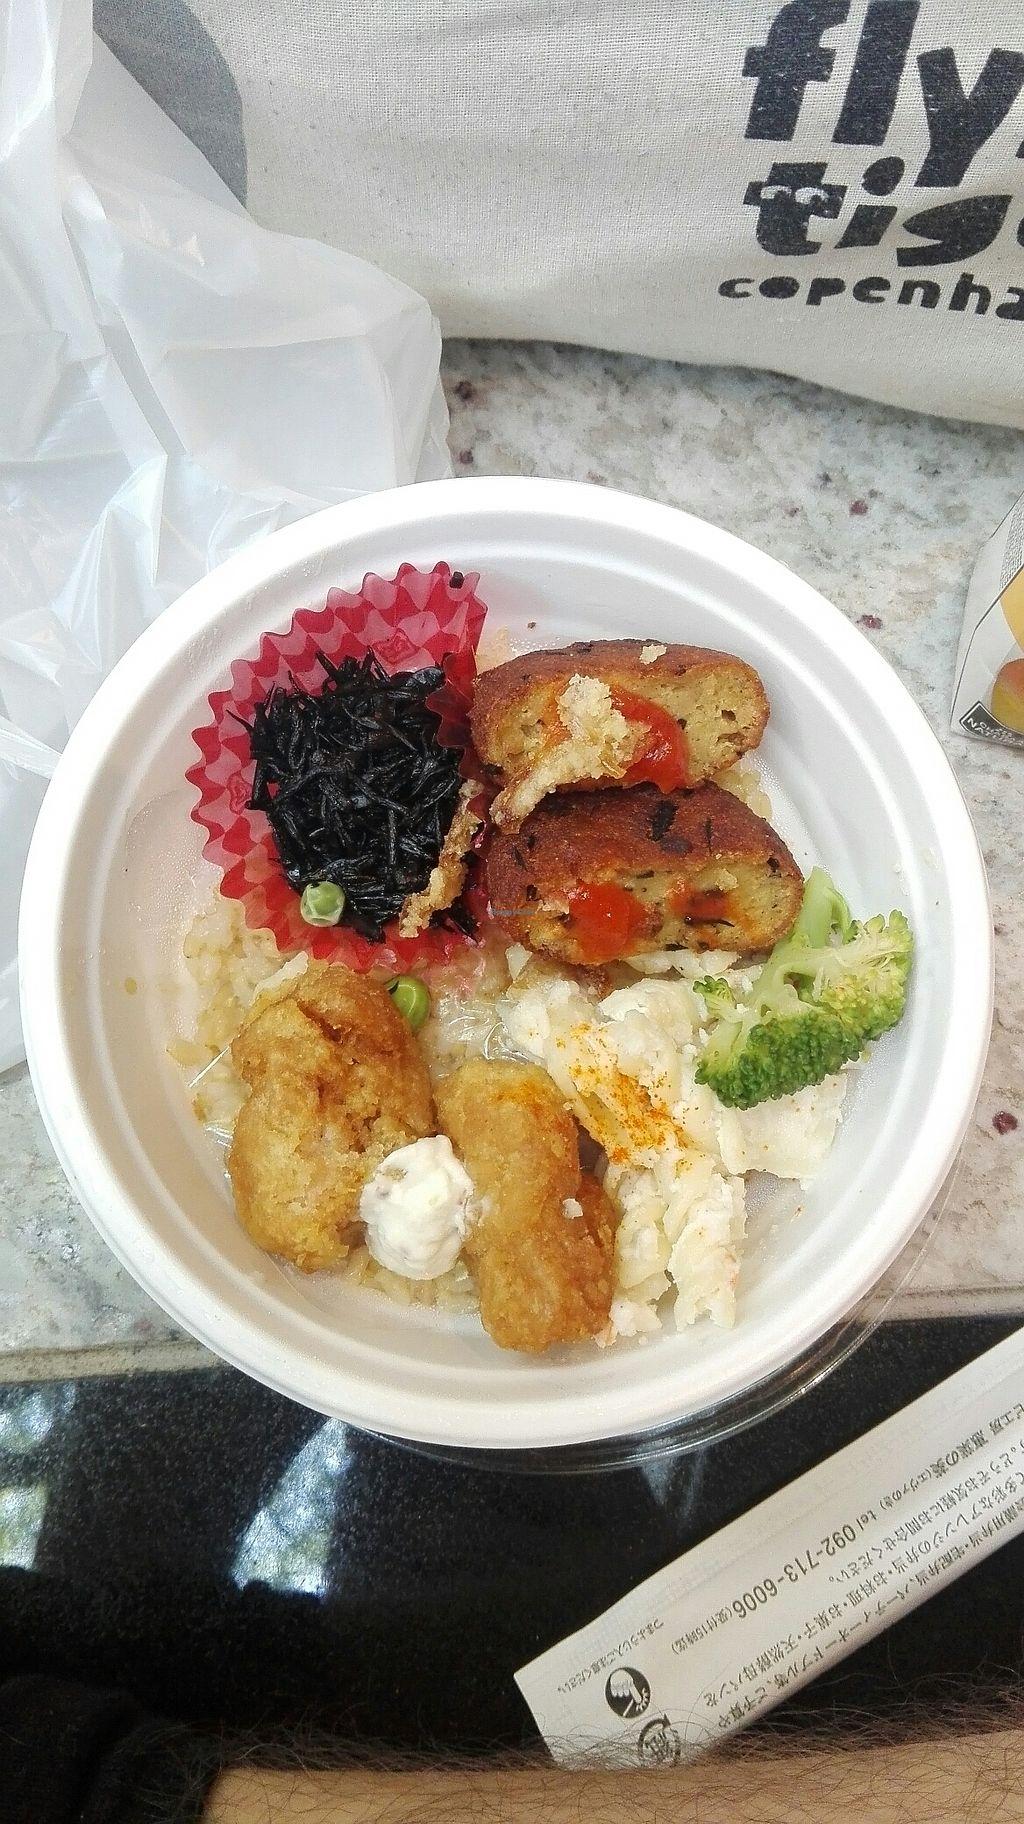 Macrobiotic dining